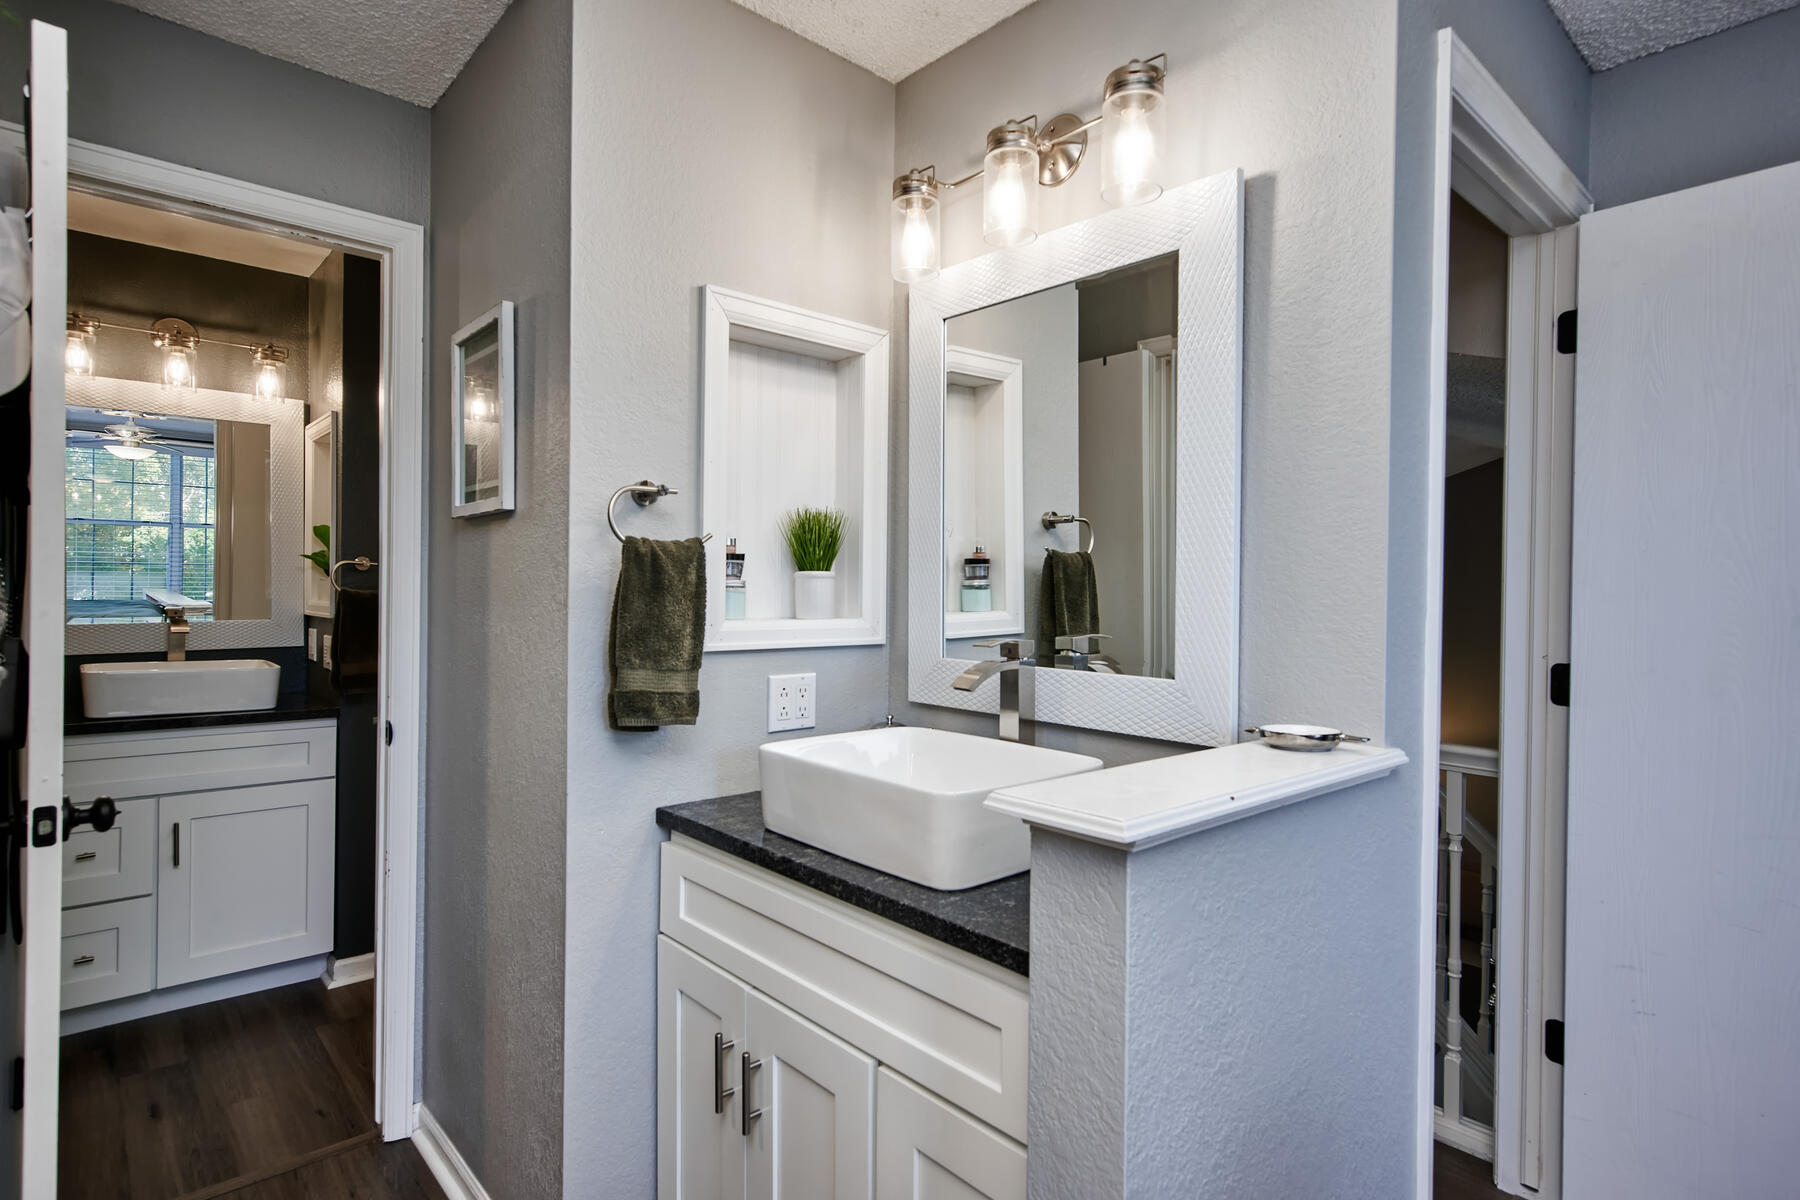 En-suite Sink in Master Bedroom